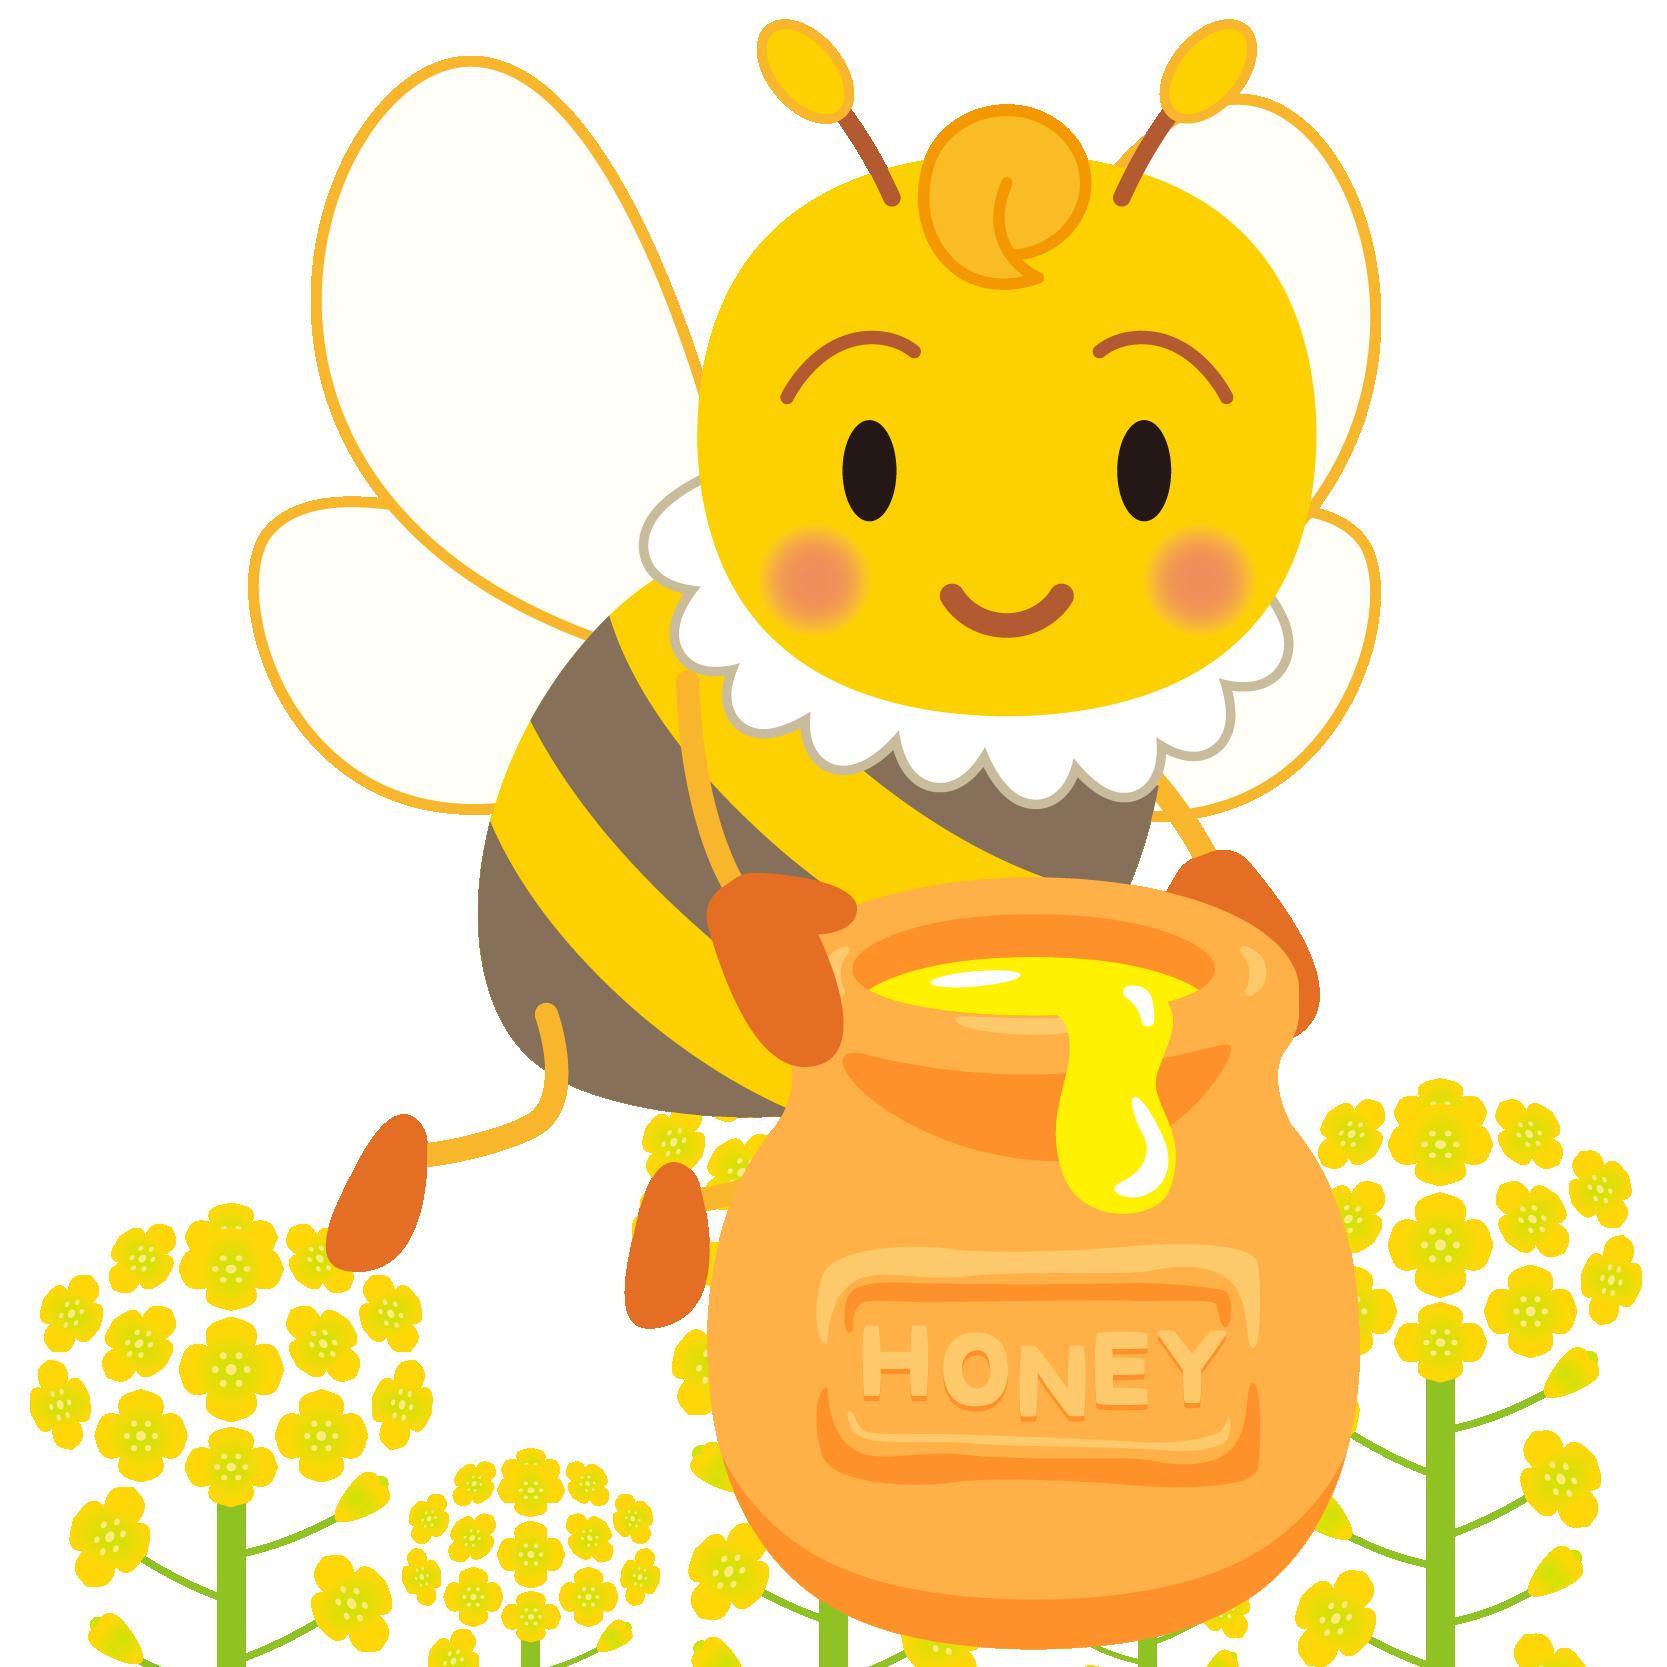 商用フリー・無料イラスト_みつばち(蜂)_はちみつ_菜の花_Honeybee013